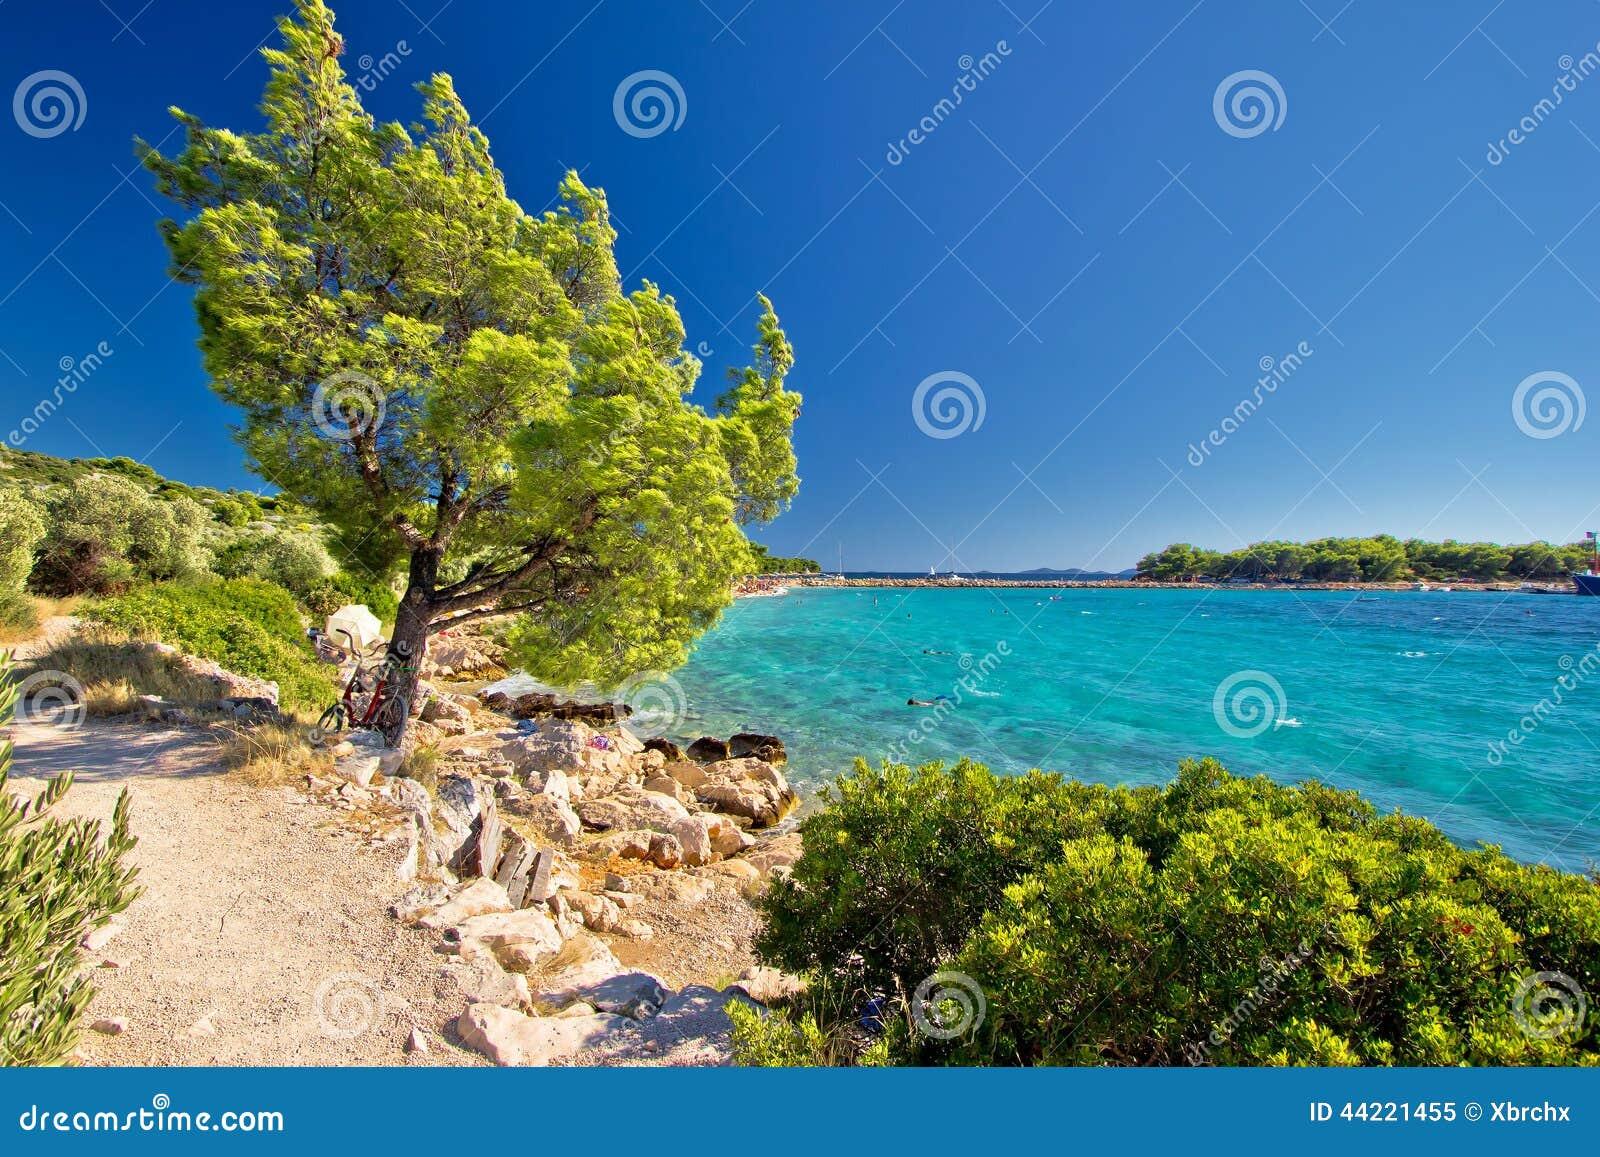 Идилличный пляж бирюзы в Хорватии